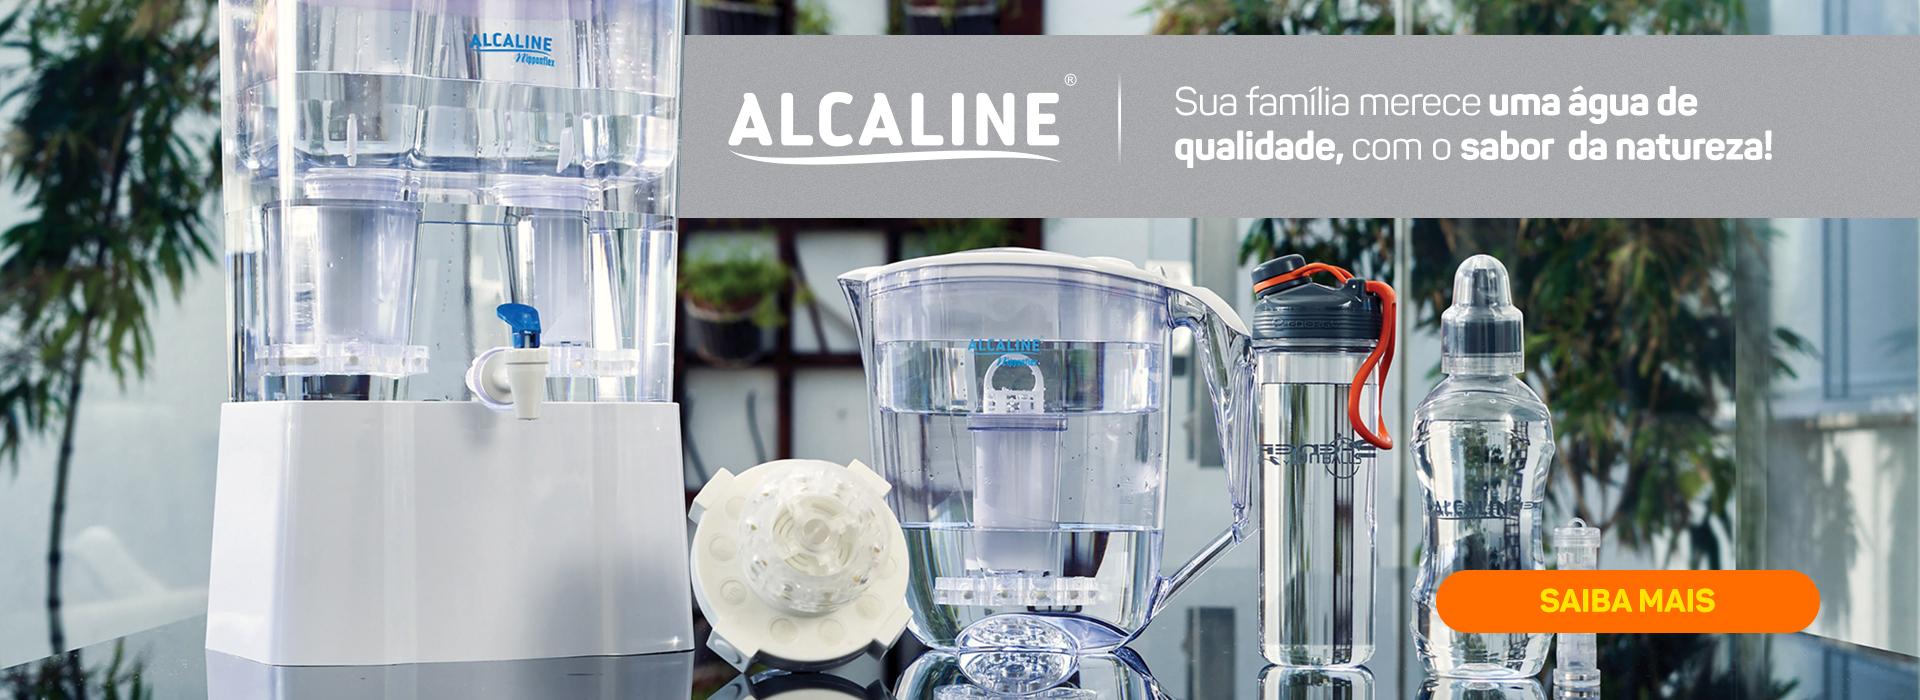 Linha ALcaline